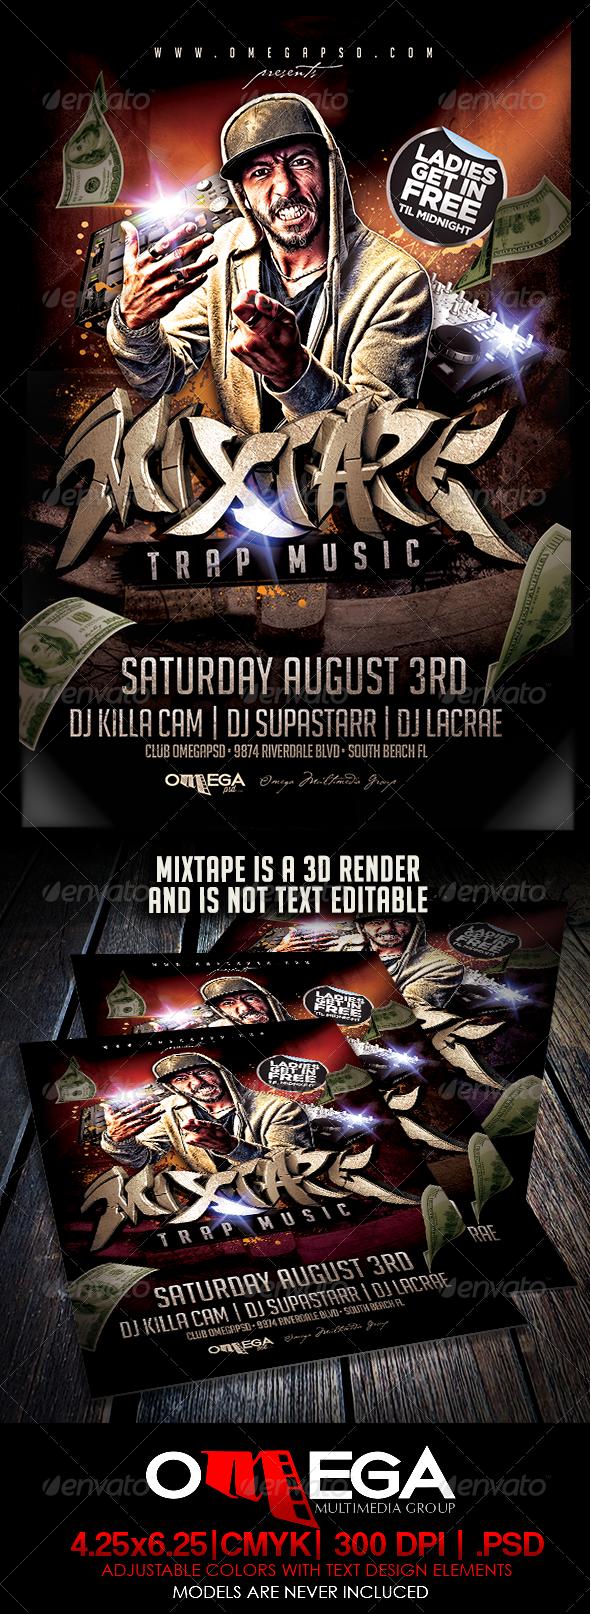 GraphicRiver Mixtape Trap Music 7529981